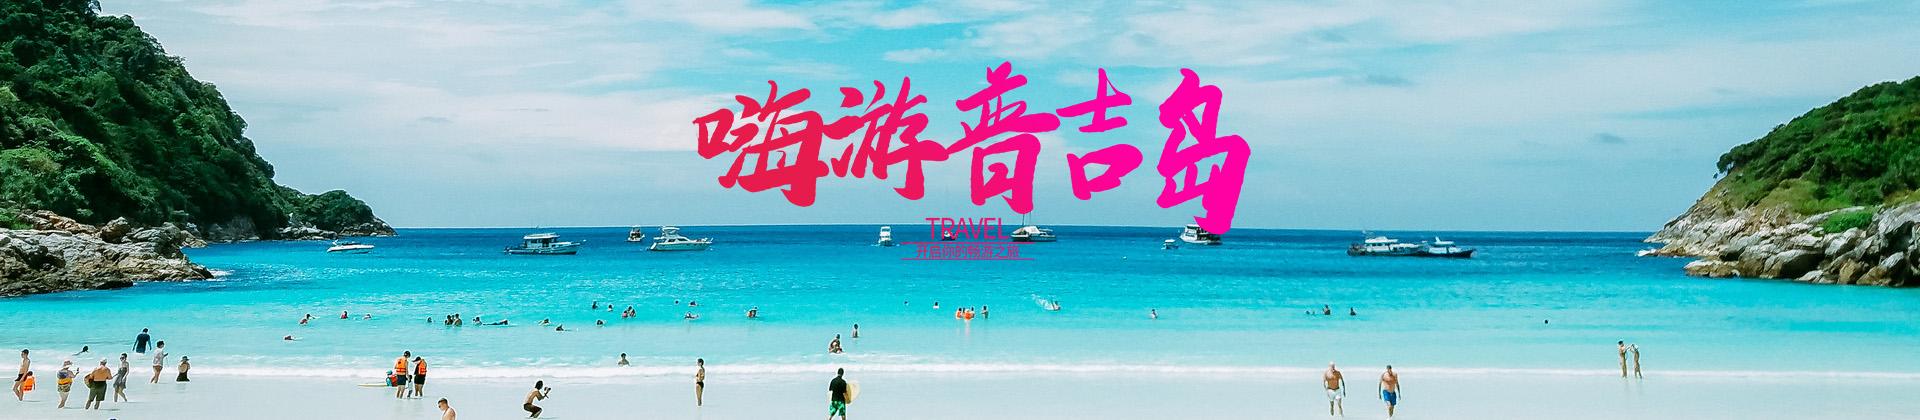 普吉岛旅游